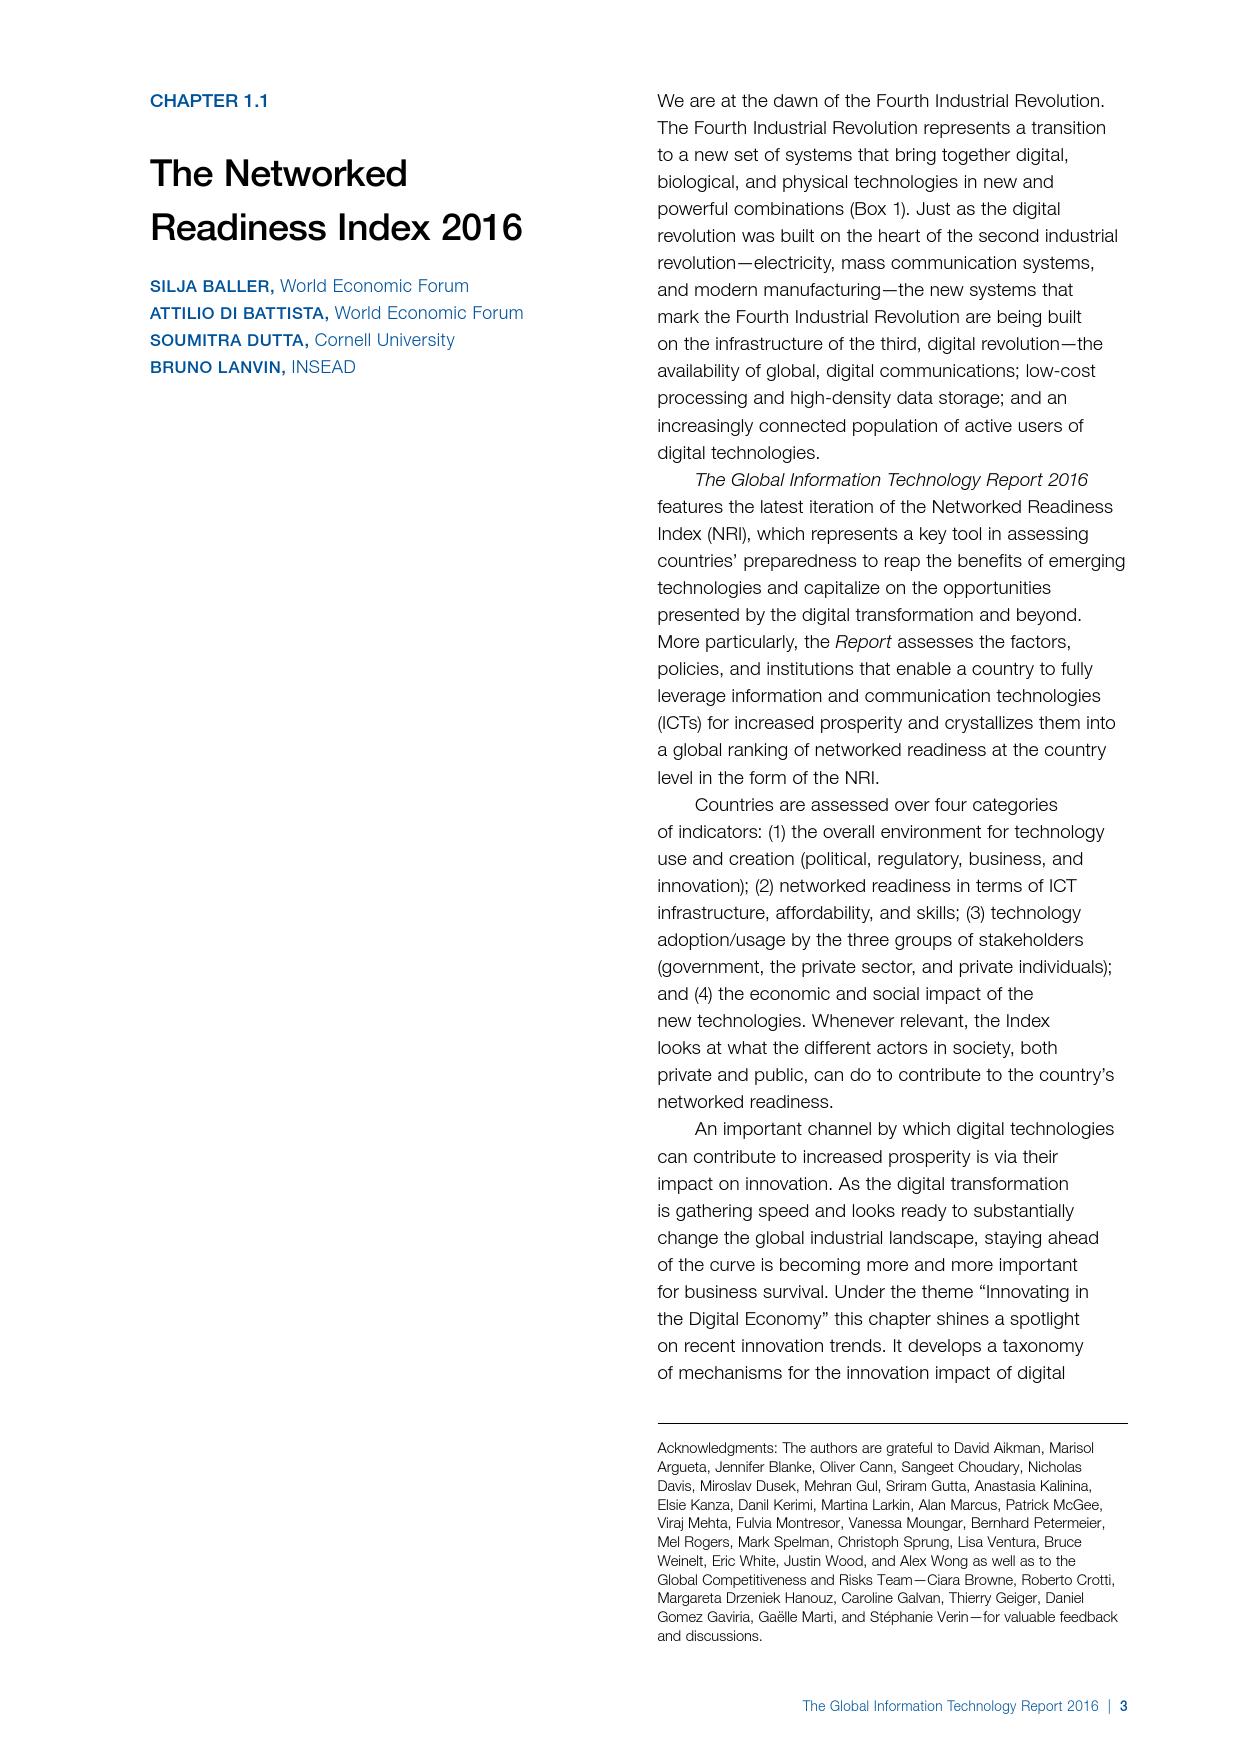 2016 年全球信息技术报告_000018